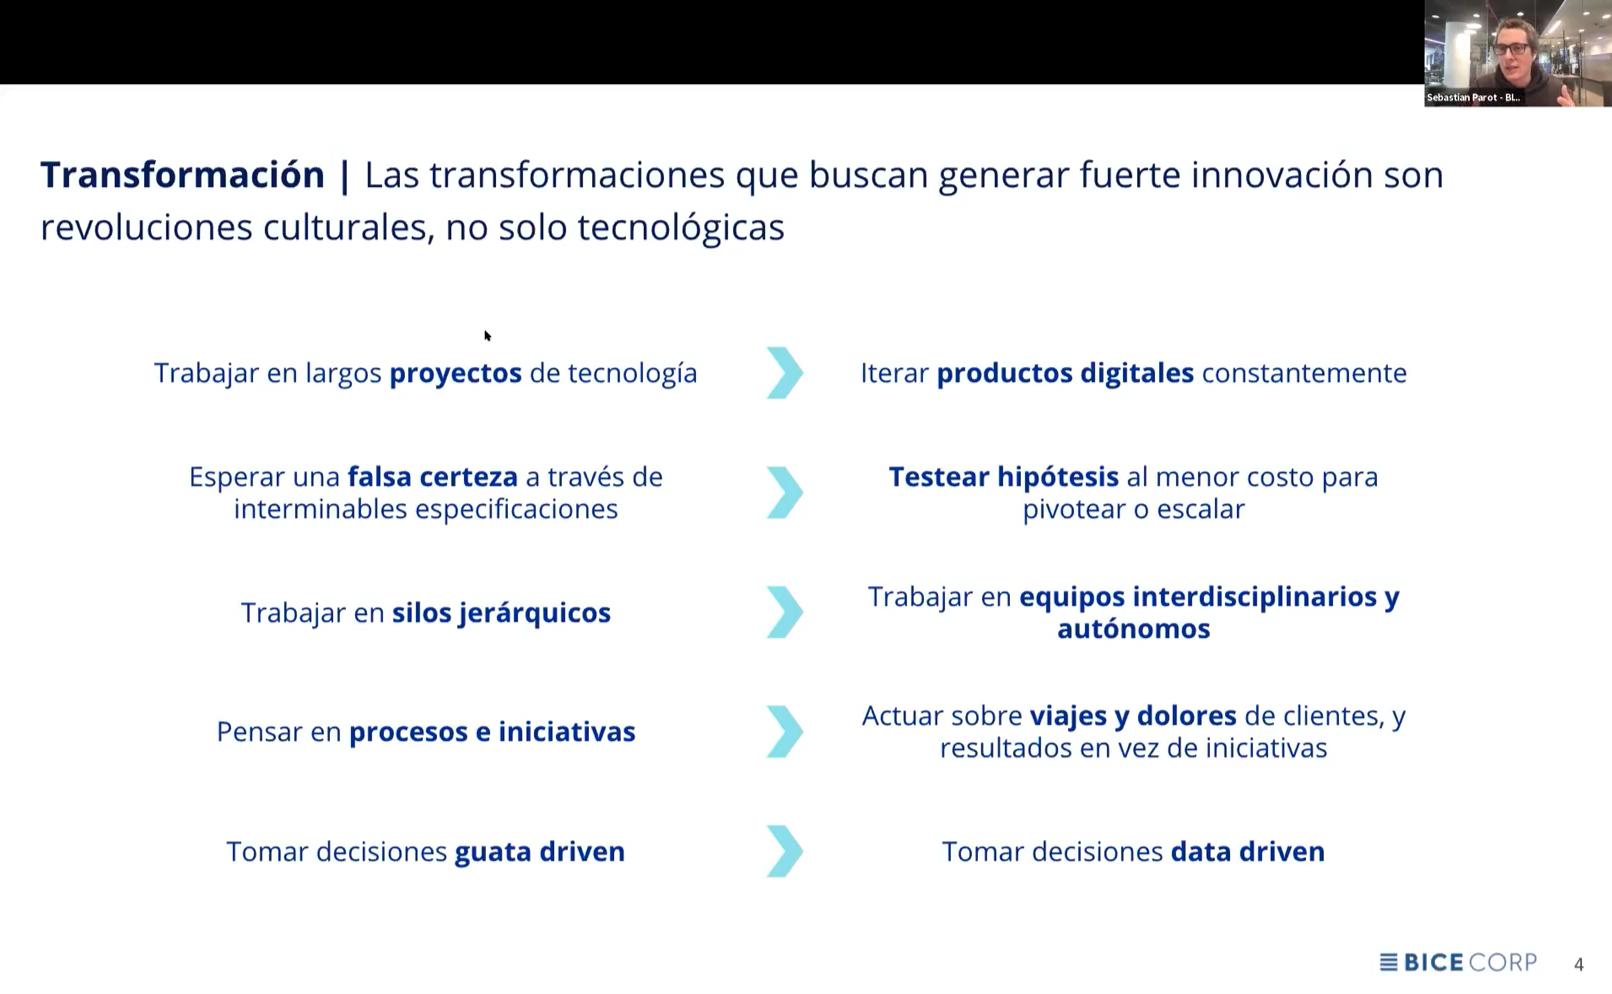 Las transformaciones que buscan generar fuerte innovación son revoluciones culturales, no solo tecnológicas